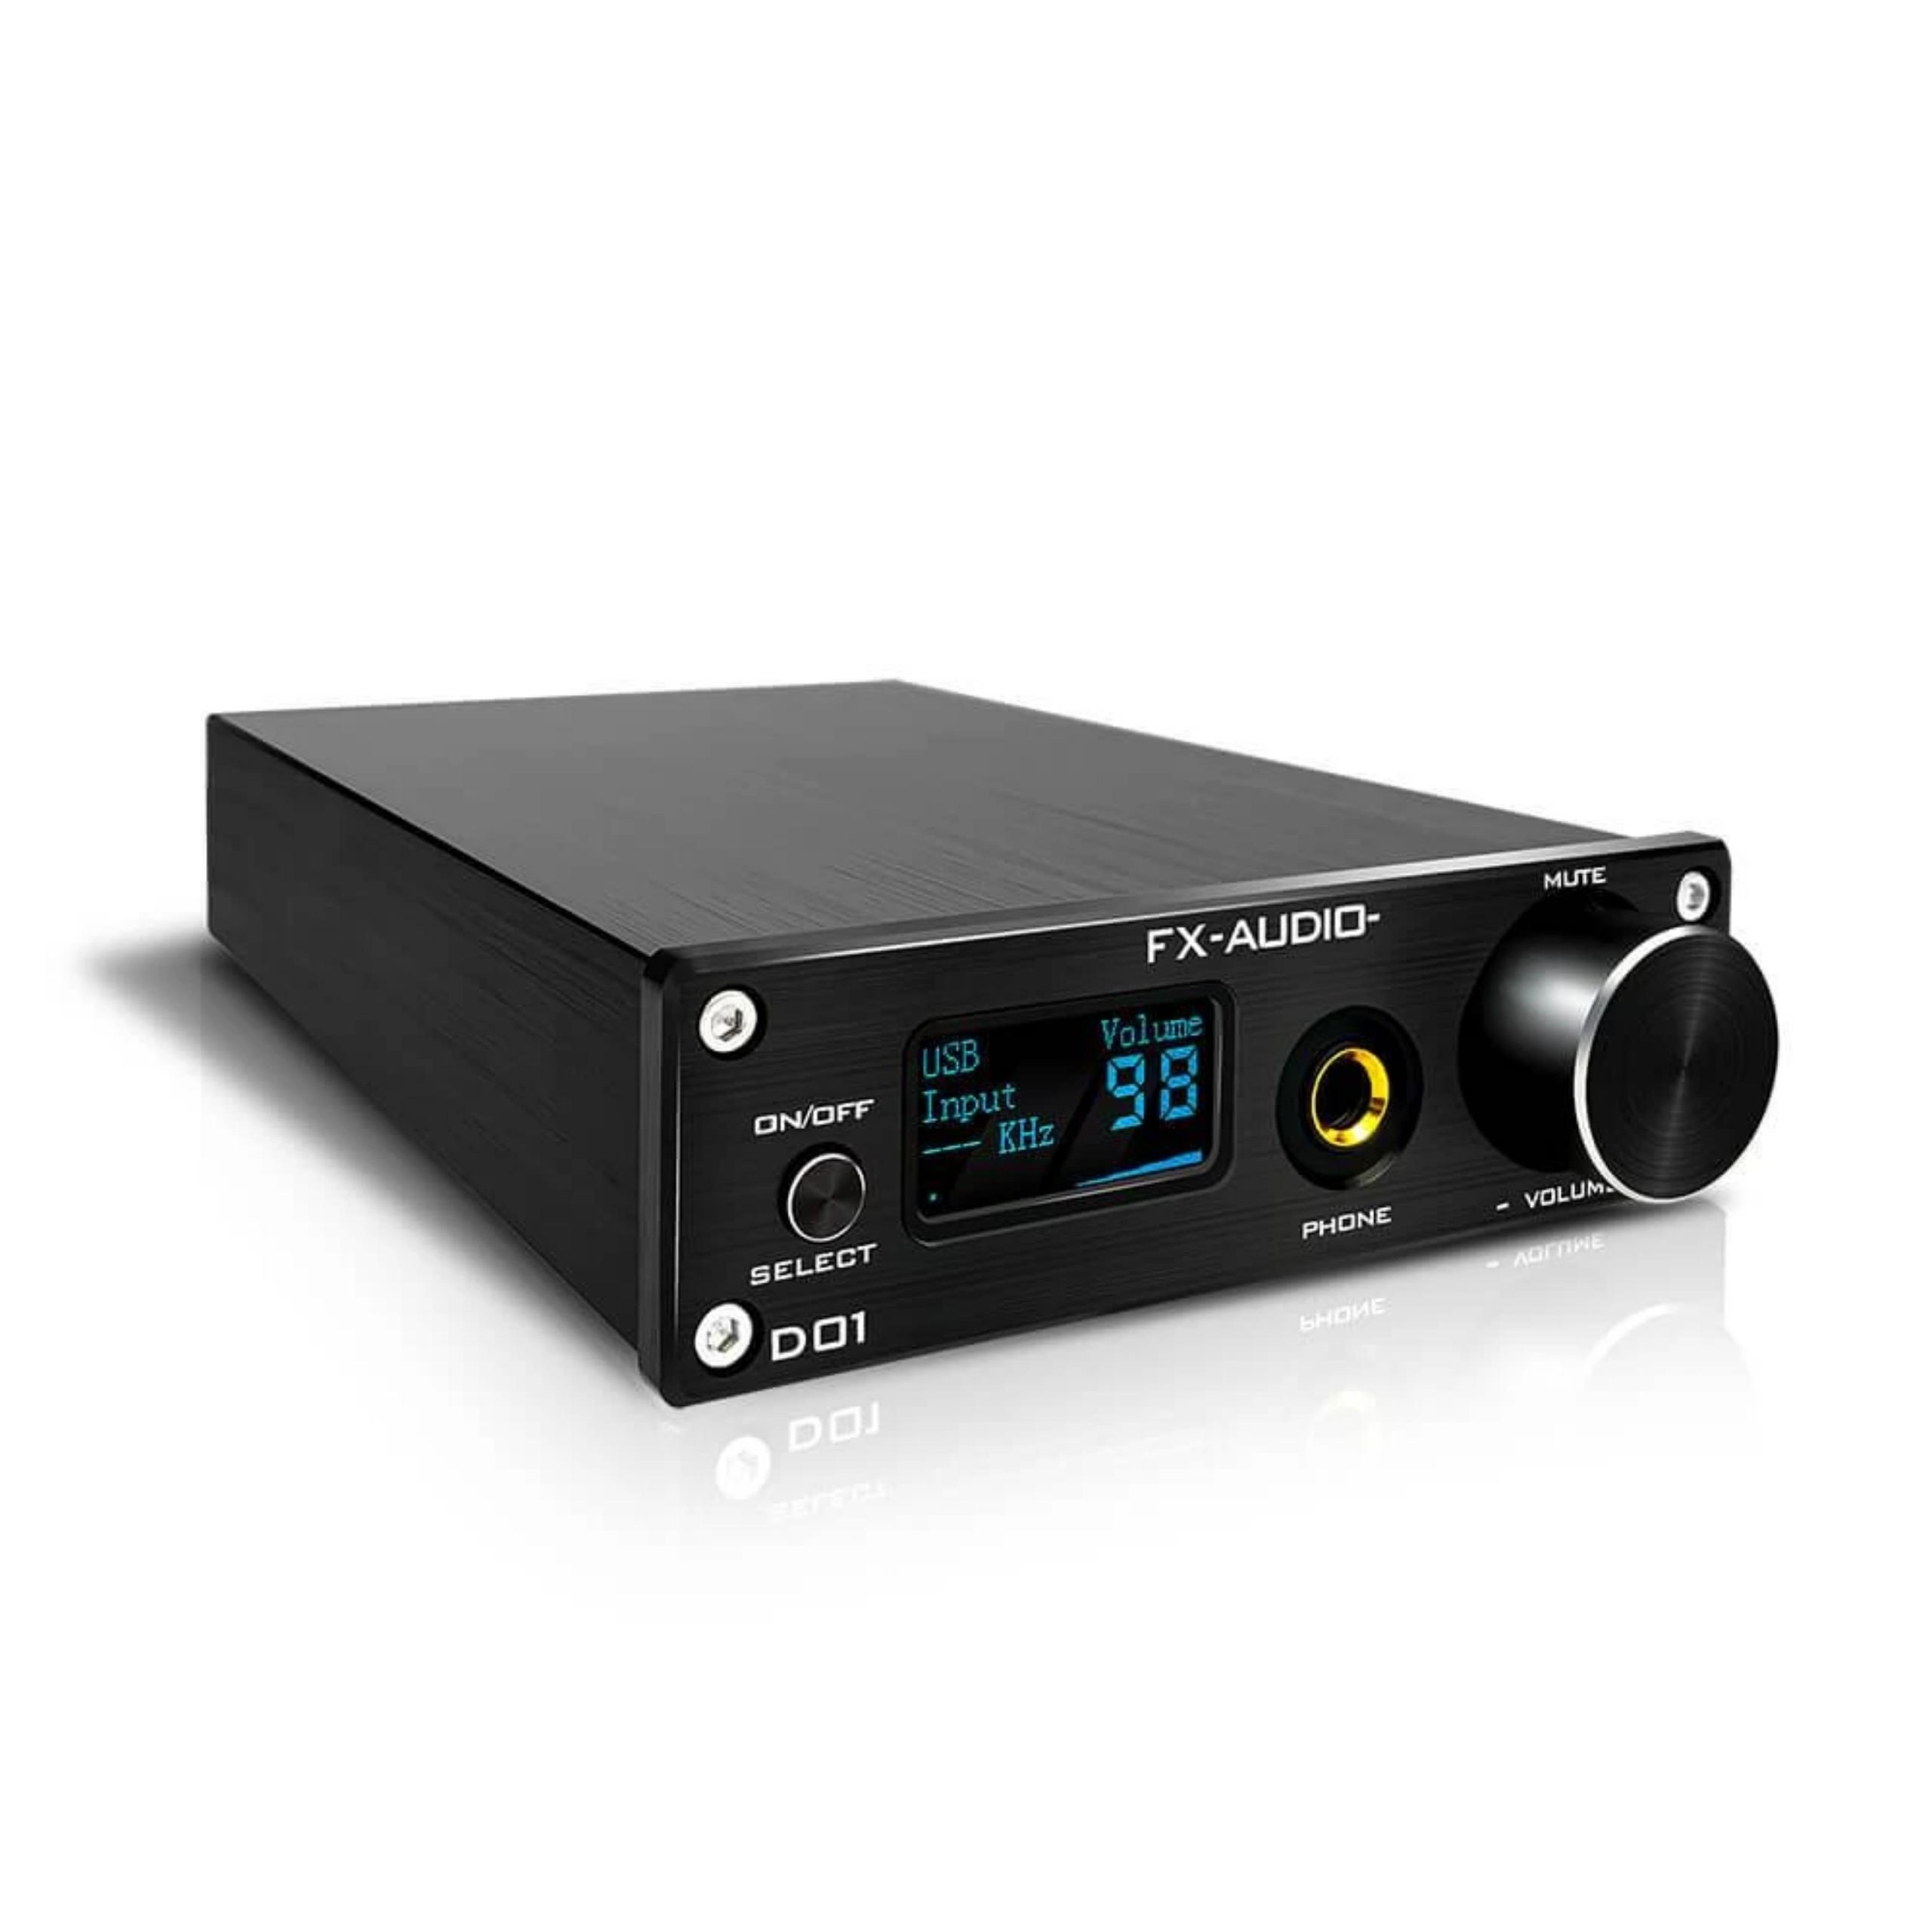 Giải Mã Âm Thanh FX-Audio DAC D01 Bản Nâng Cấp Hoàn Hảo DAC X7